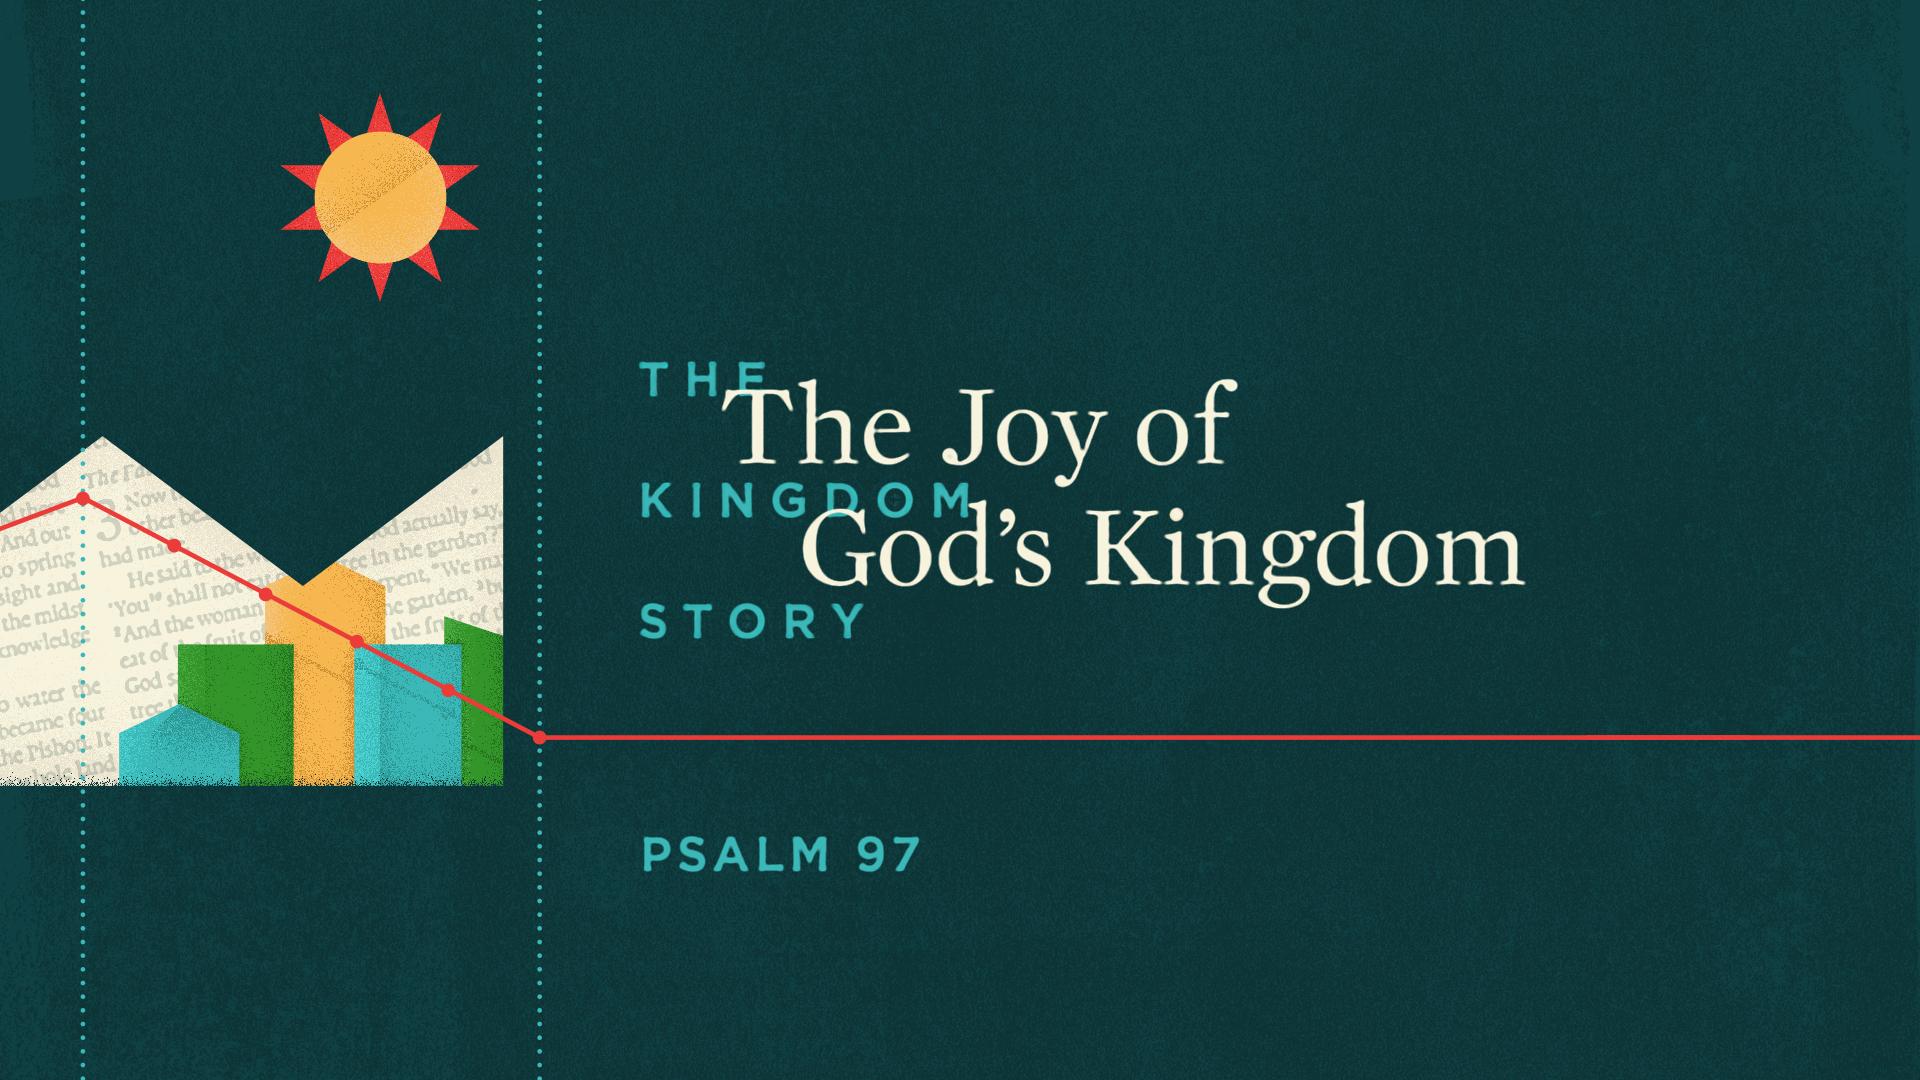 The Joy of God's Kingdom